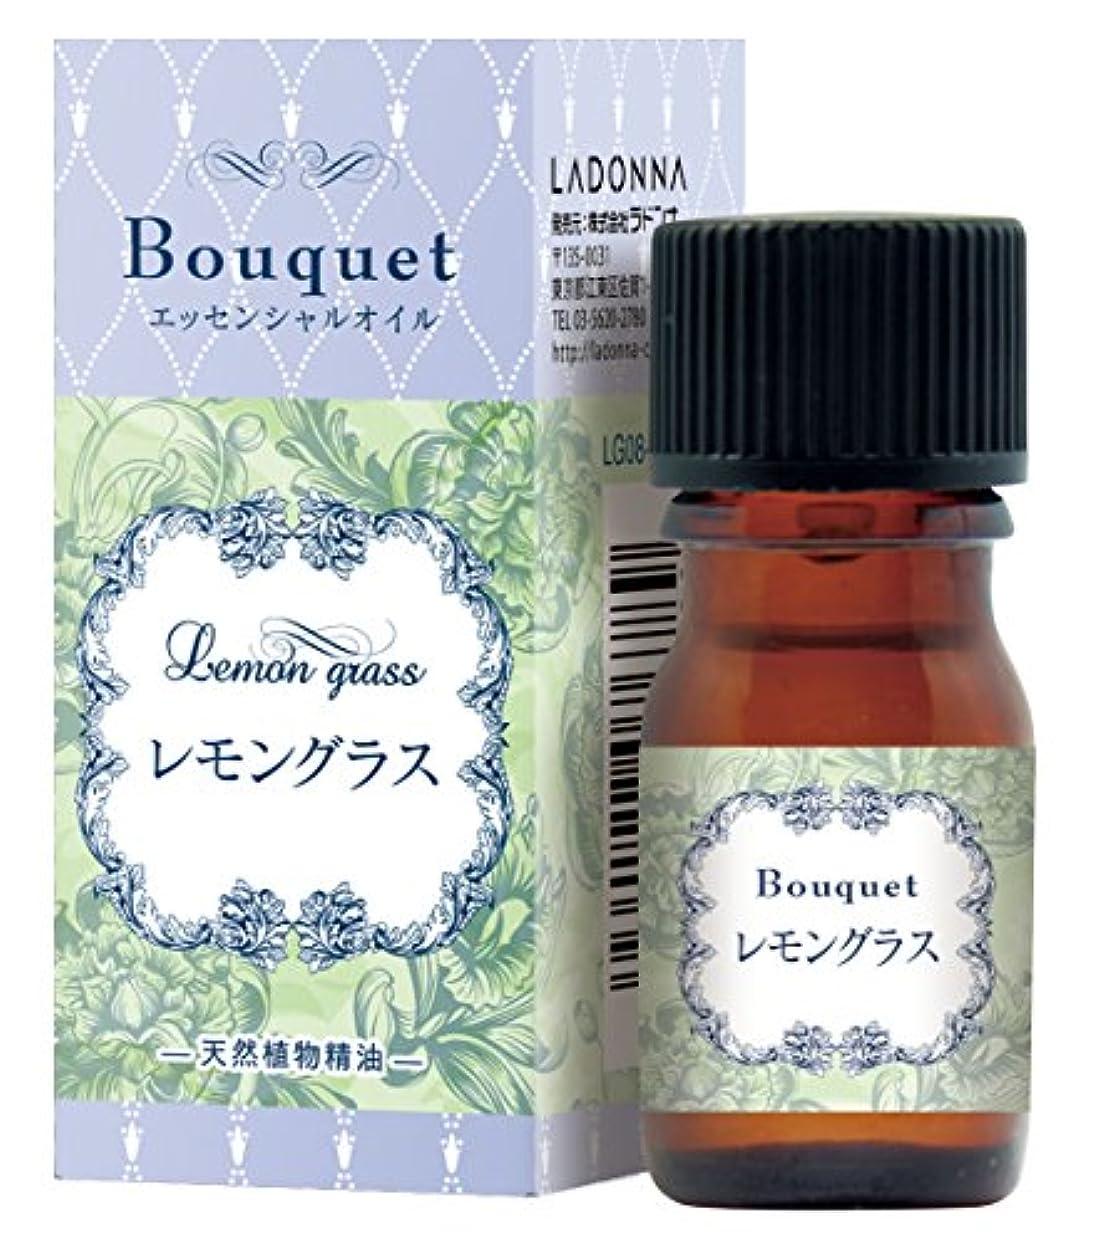 行混合した人工ラドンナ エッセンシャルオイル -天然植物精油- Bouquet(ブーケ) LG08-EO レモングラス